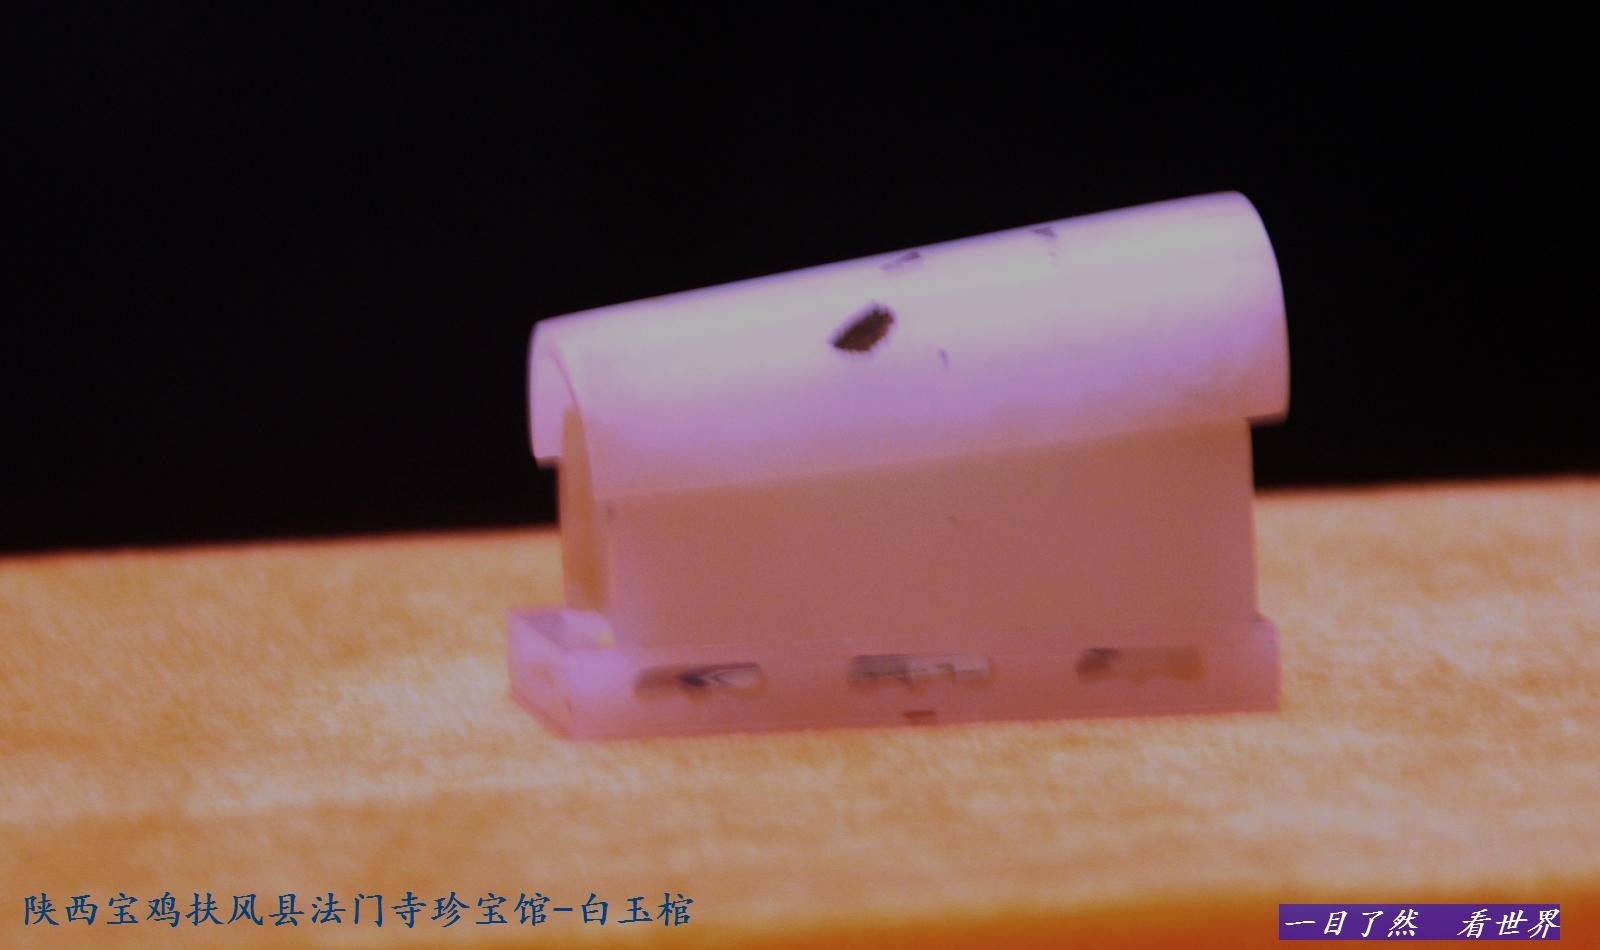 法门寺-珍宝馆-白玉棺-96-1600.jpg